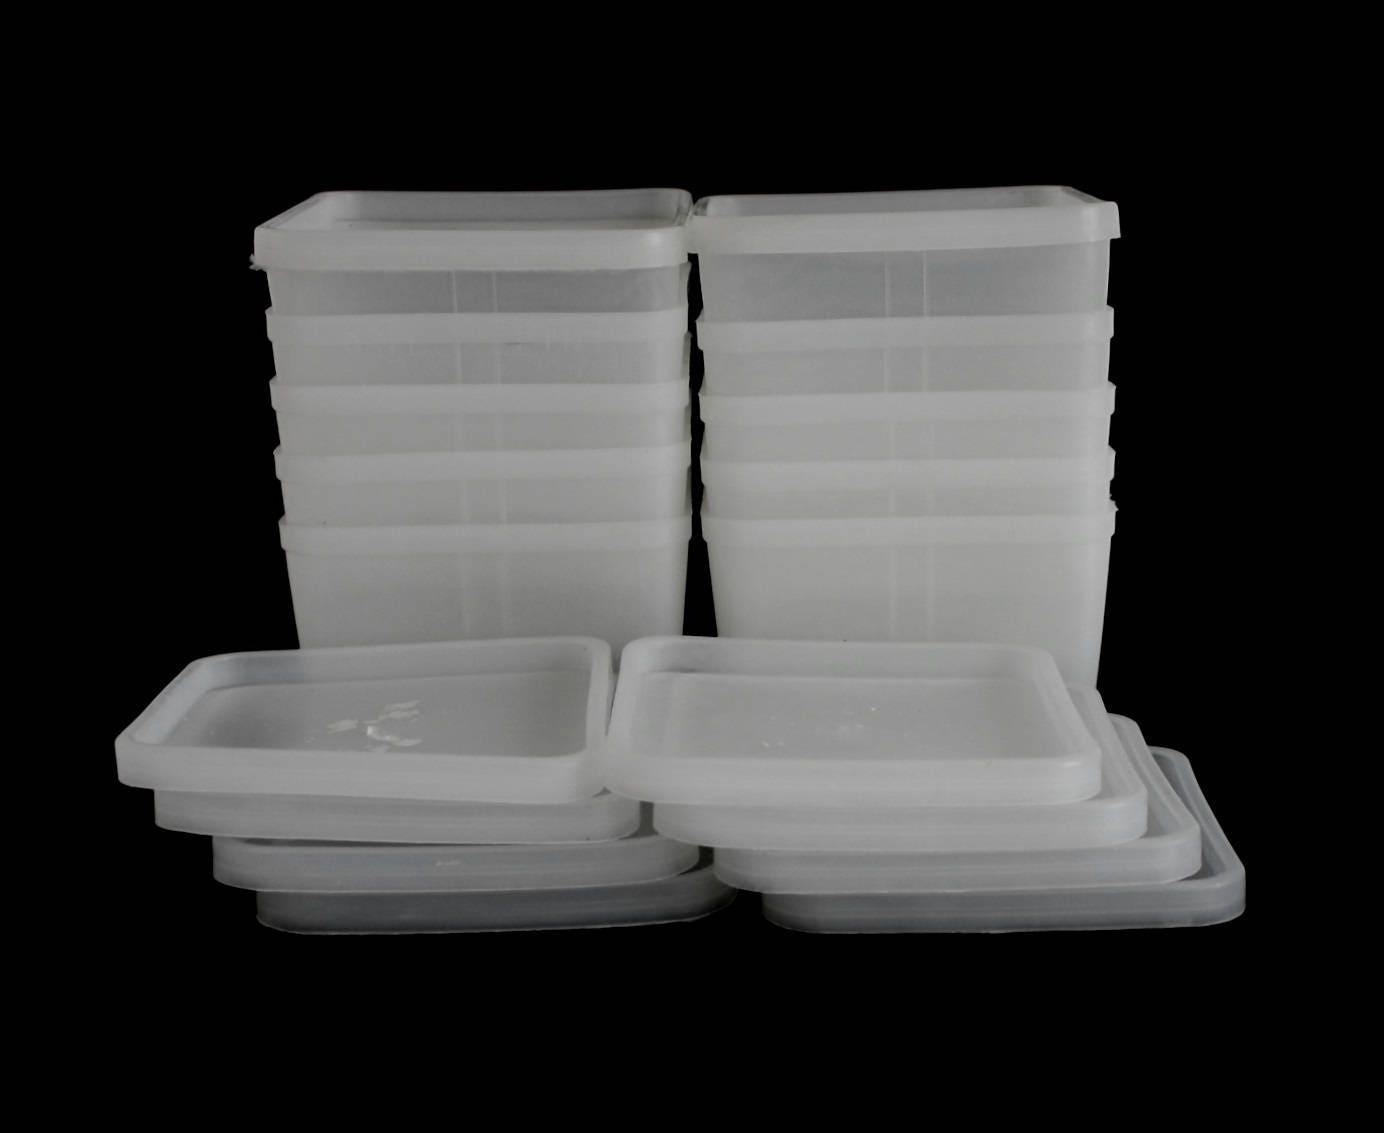 Square Plastic Freezer Containers Amp Lids Vintage 1970s Kitchen